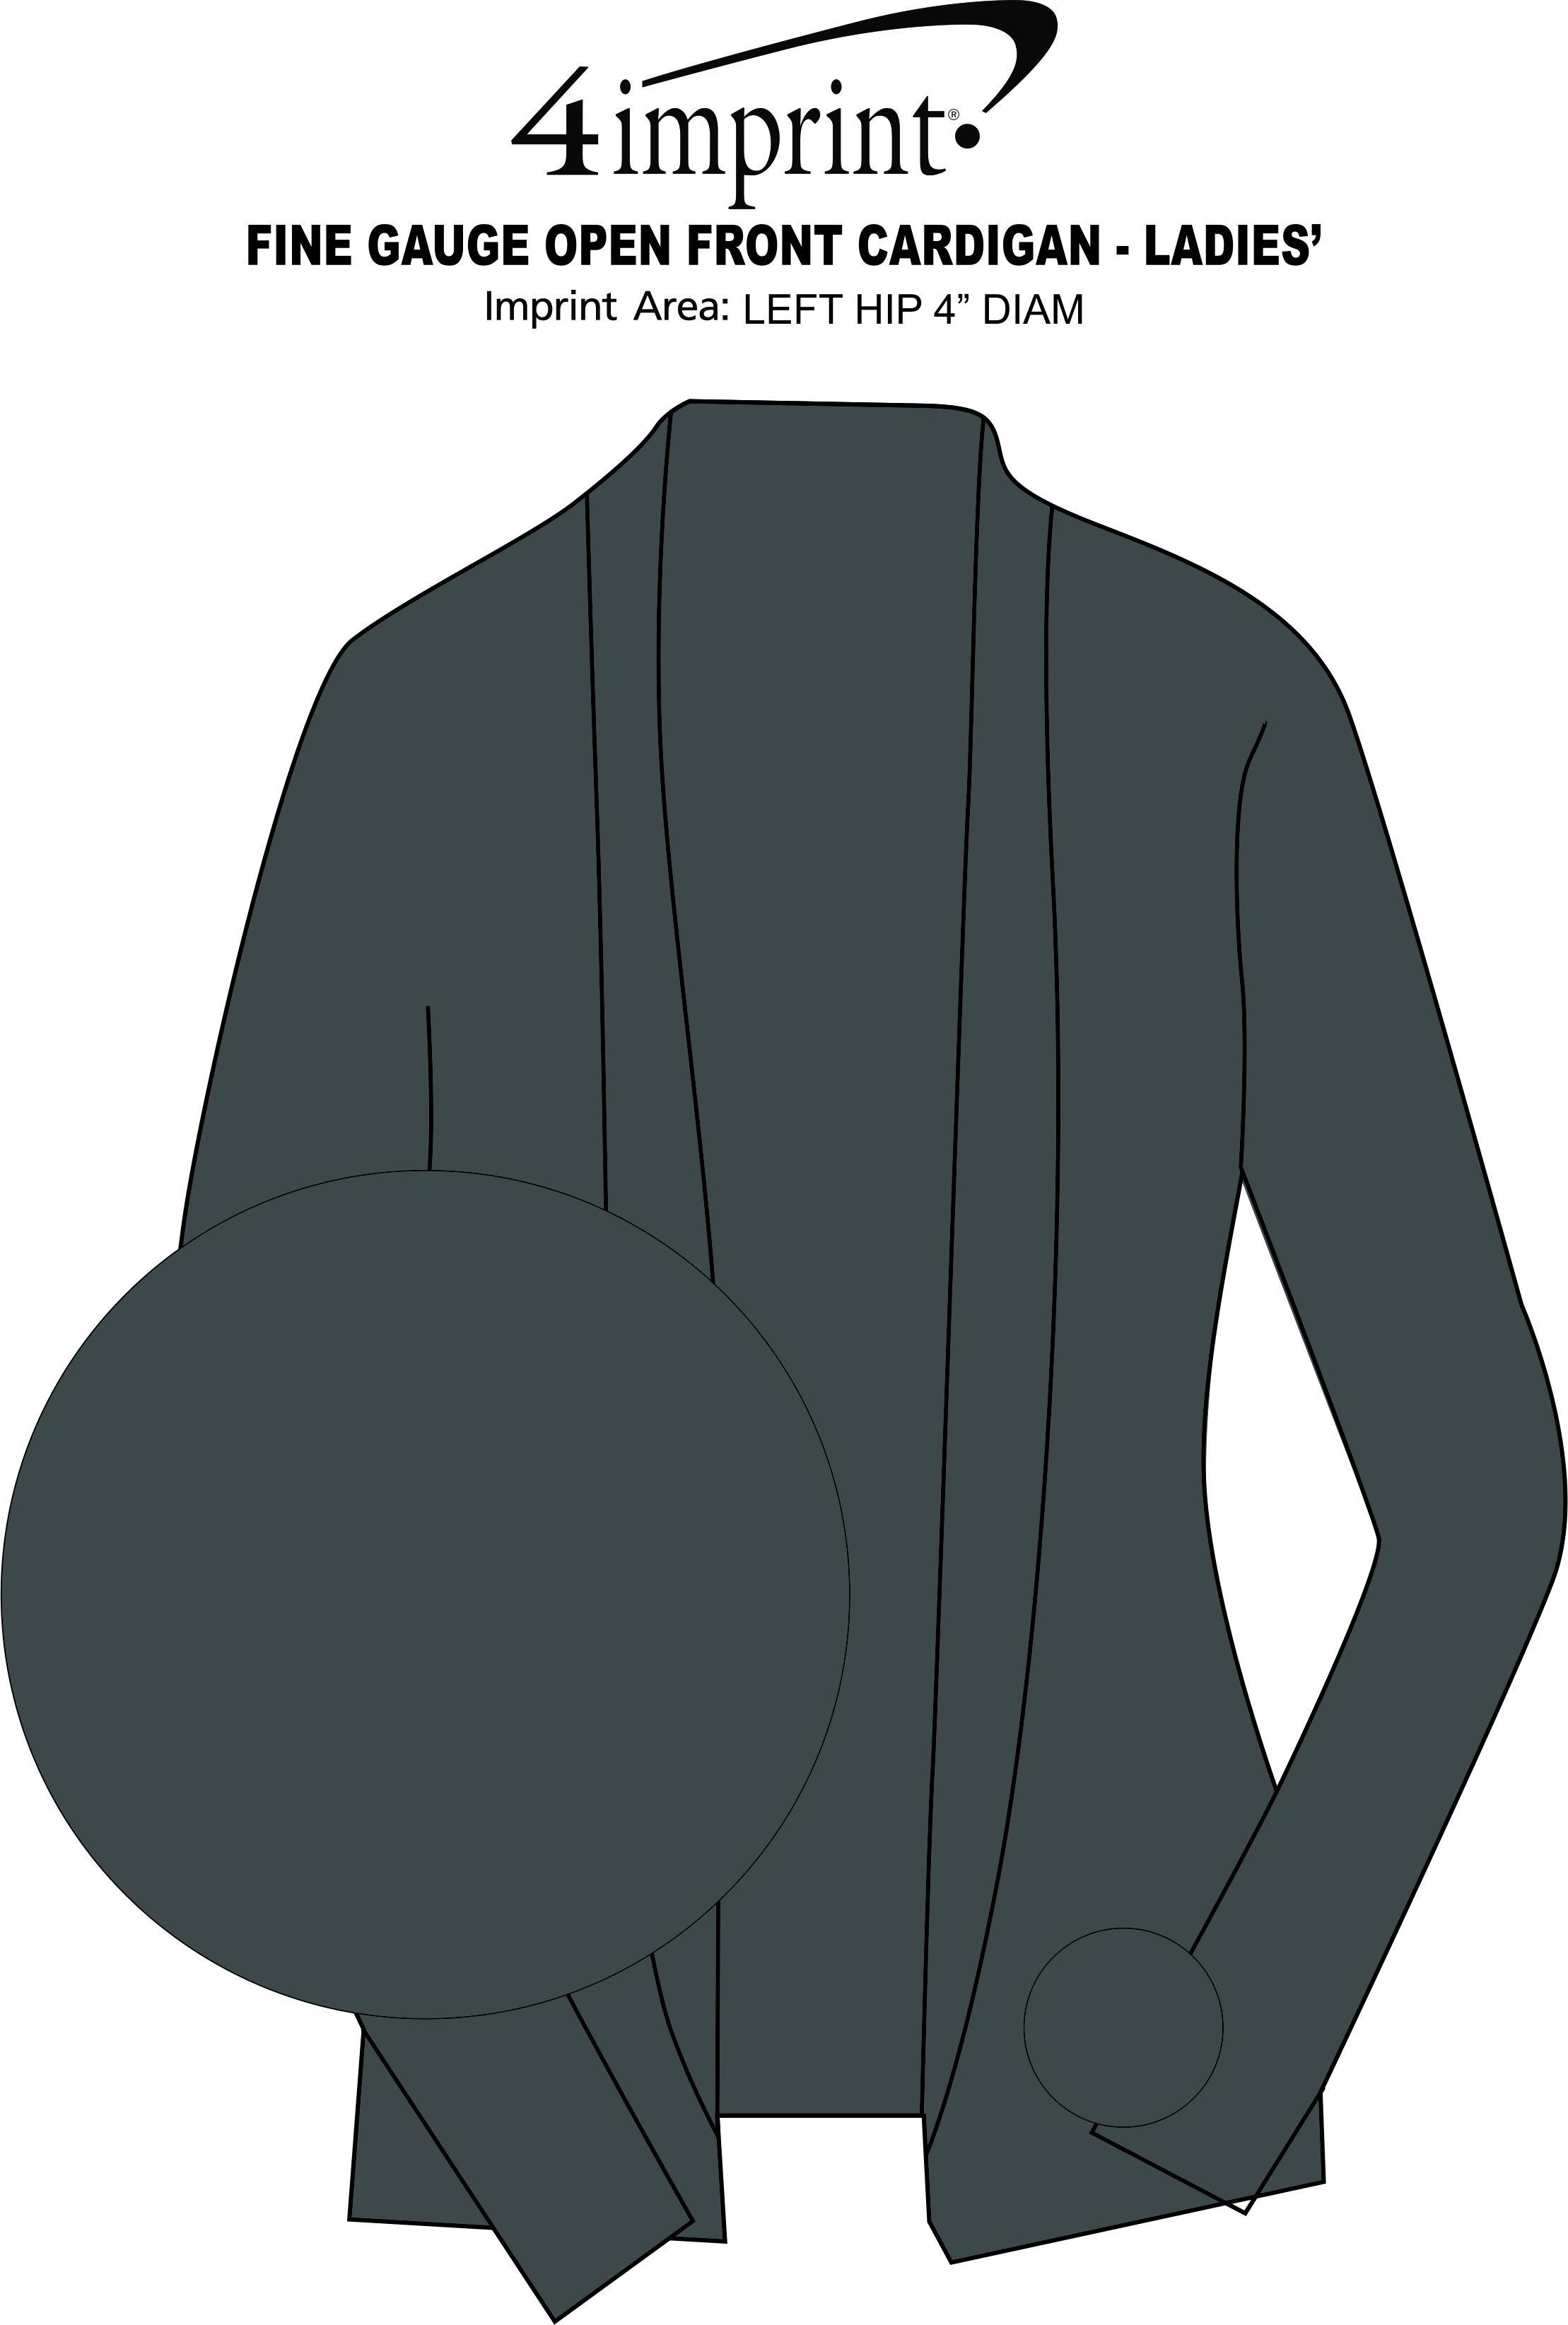 Imprint Area of Fine Gauge Open Front Cardigan - Ladies'